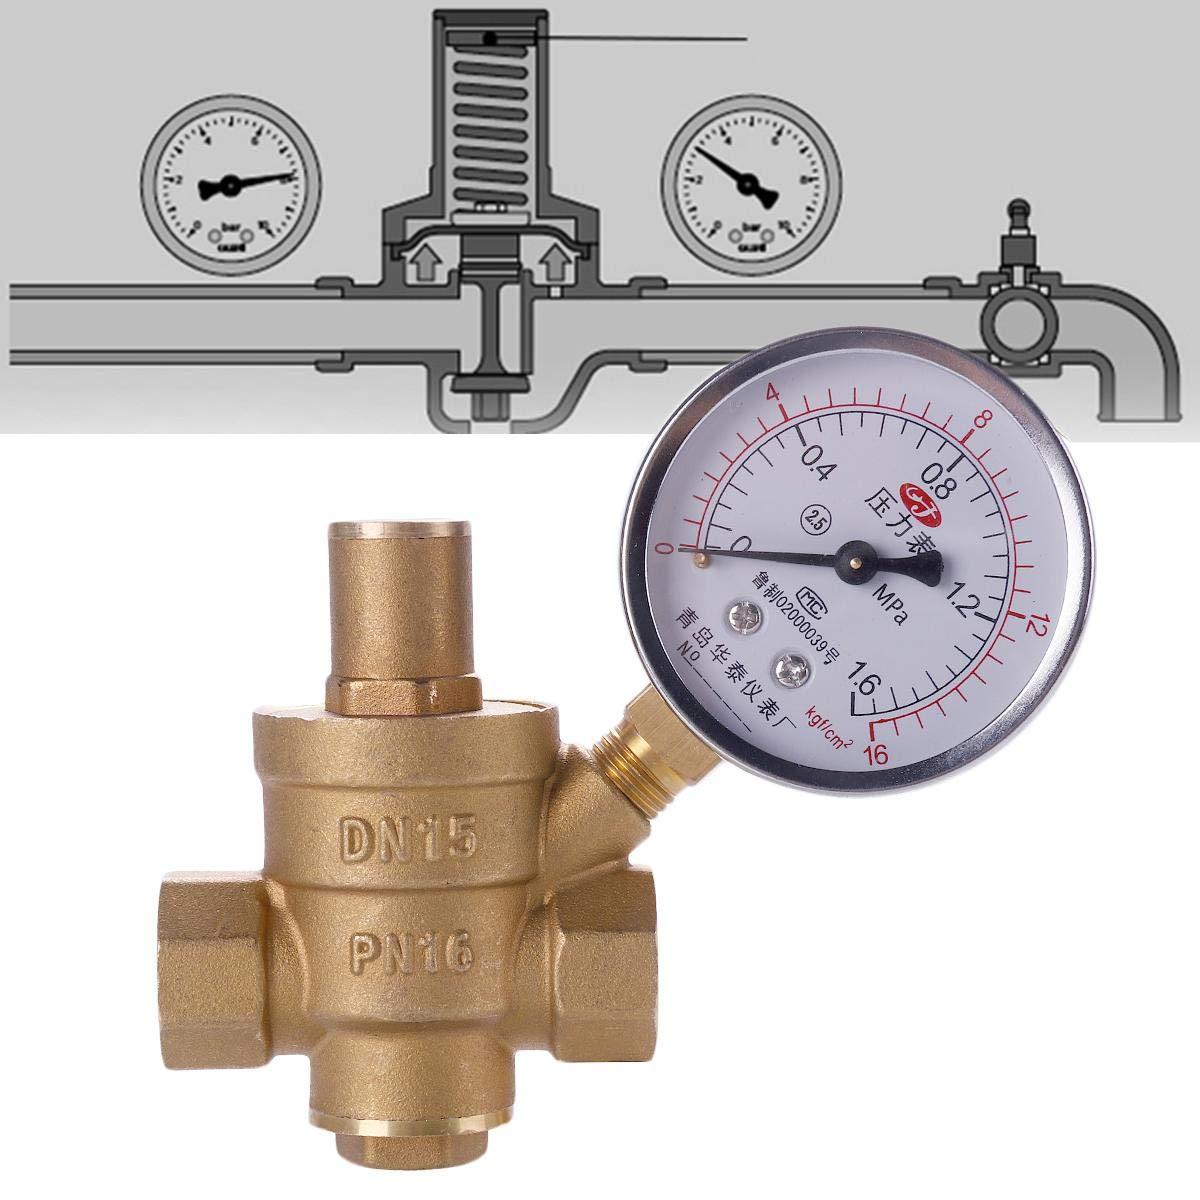 YOUNGFLY DN15 NPT 1//2 regulador de presi/ón de Agua de lat/ón Ajustable Reductor con medidor de Calibre